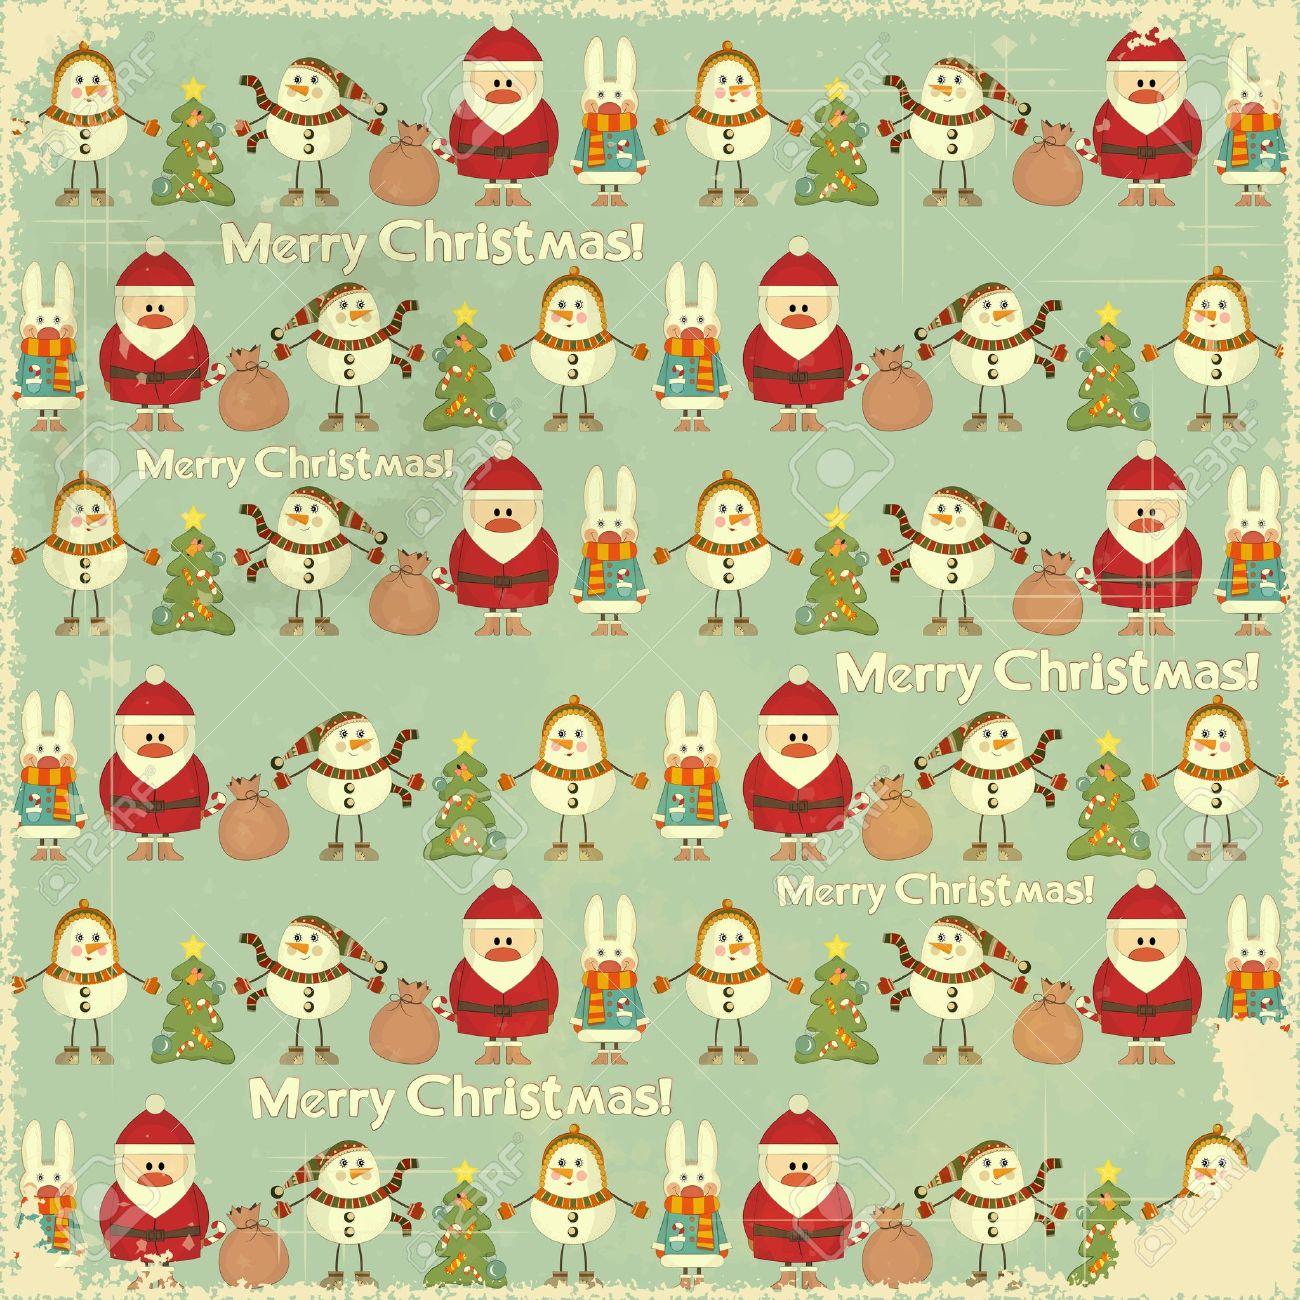 Navidad Vintage Fondo Los Signos De La Navidad Papa Noel Muneco - Vintage-navidad